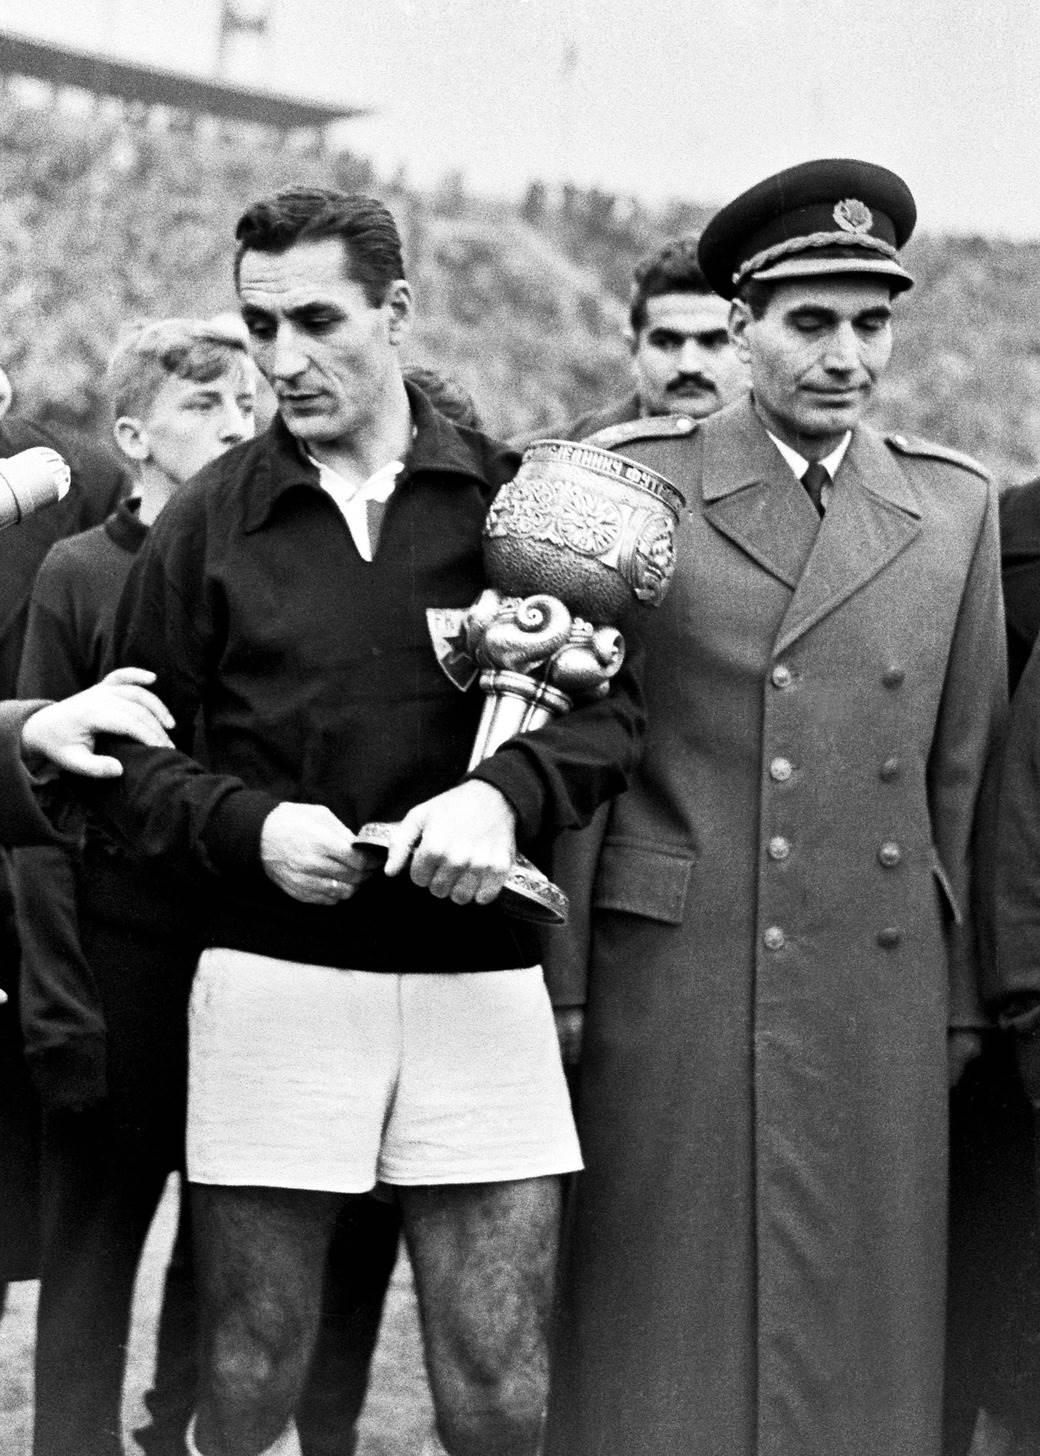 Rajko Mitić, kapiten Crvene zvezde, prima pehar Maršala Tita, za osvajača Kupa Jugoslavije. Pehar predaje general major Miloš Zekić 1958. godine.